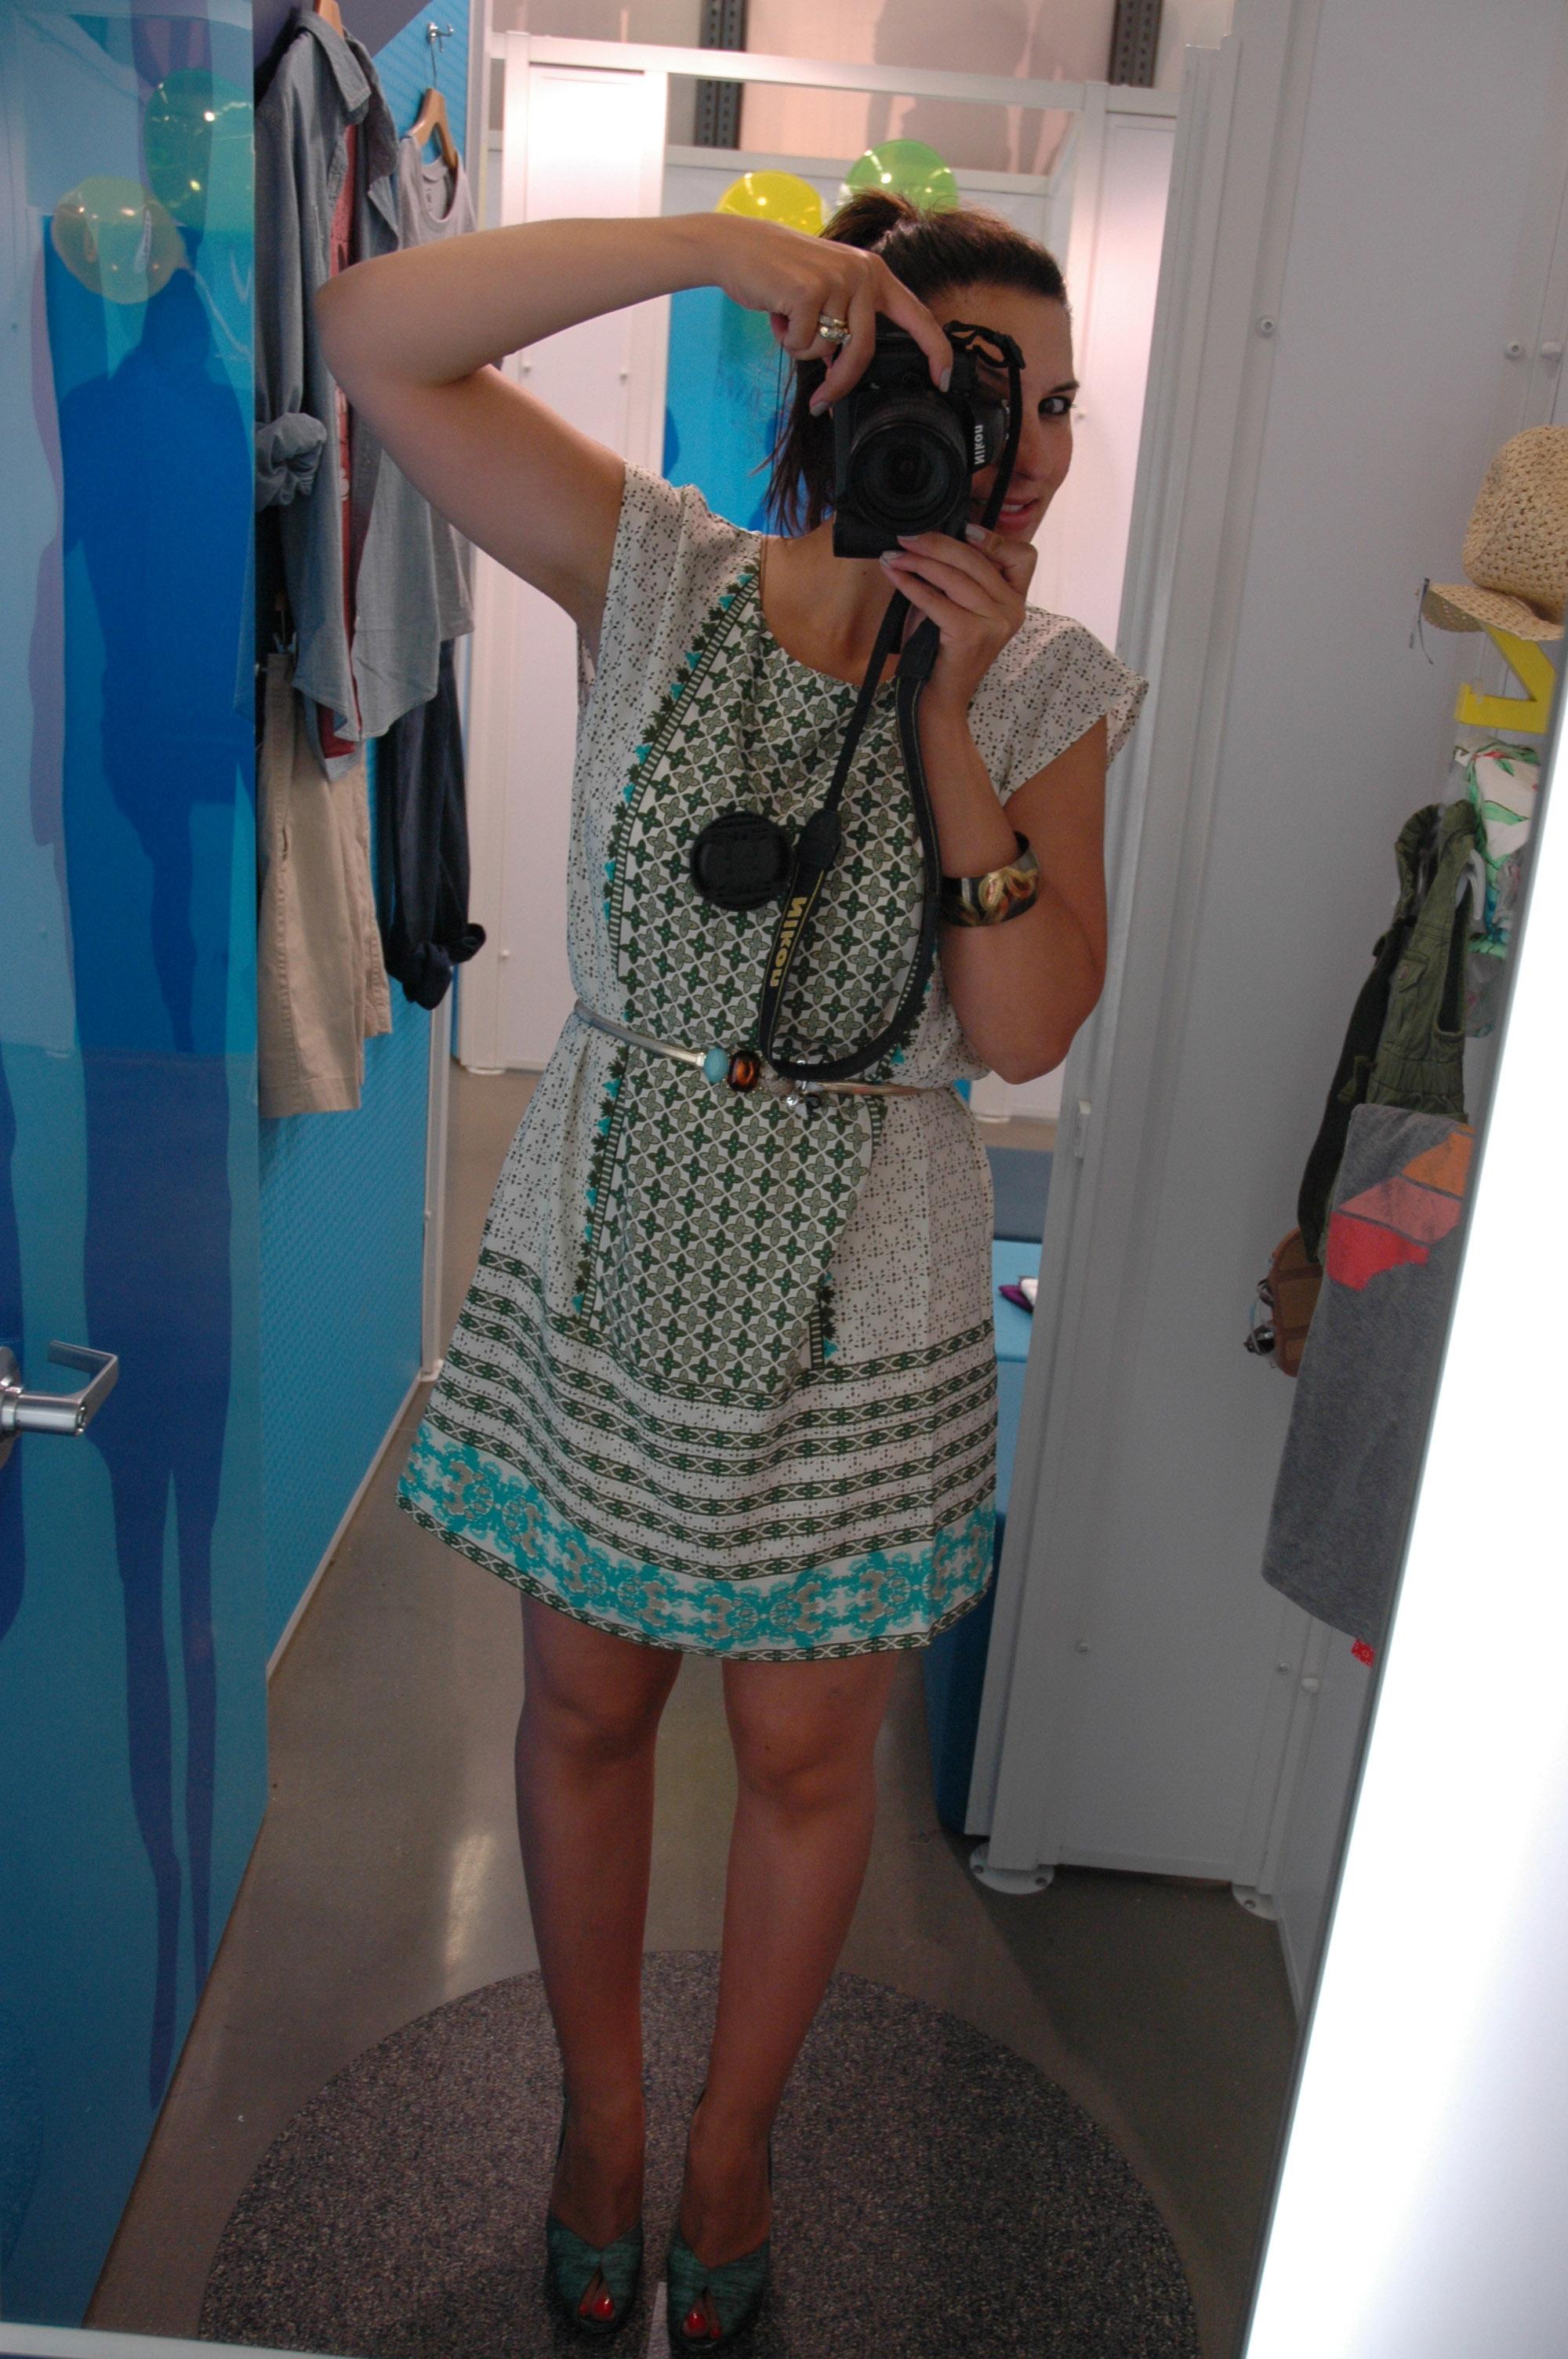 Selfie Bikini Teen On mirror selfie_edited-1